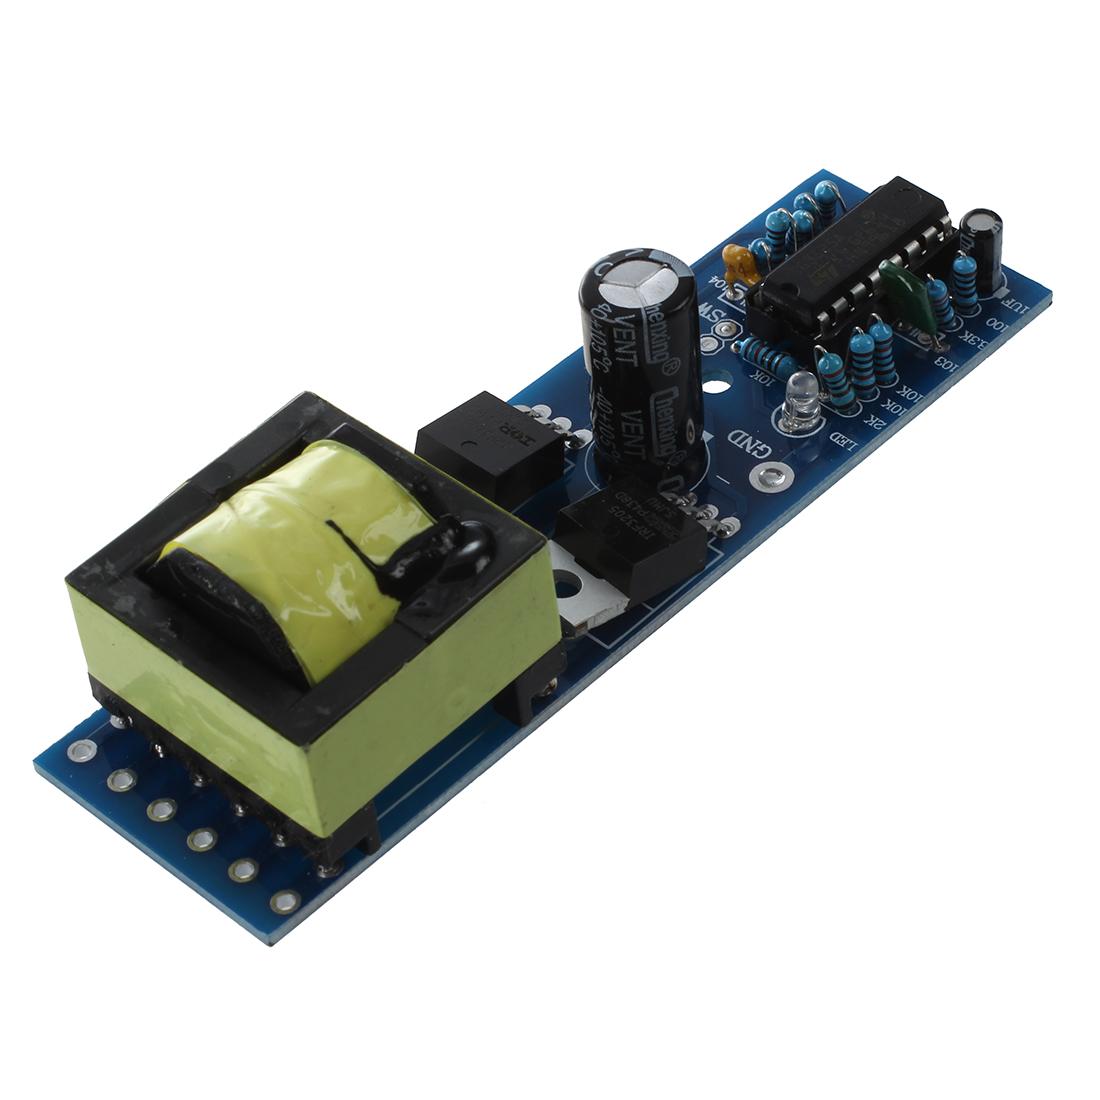 Mini Strip Inverter Dc 12v To Ac 110v 220v Single Silicon Boost Circuit Board Converter Pk